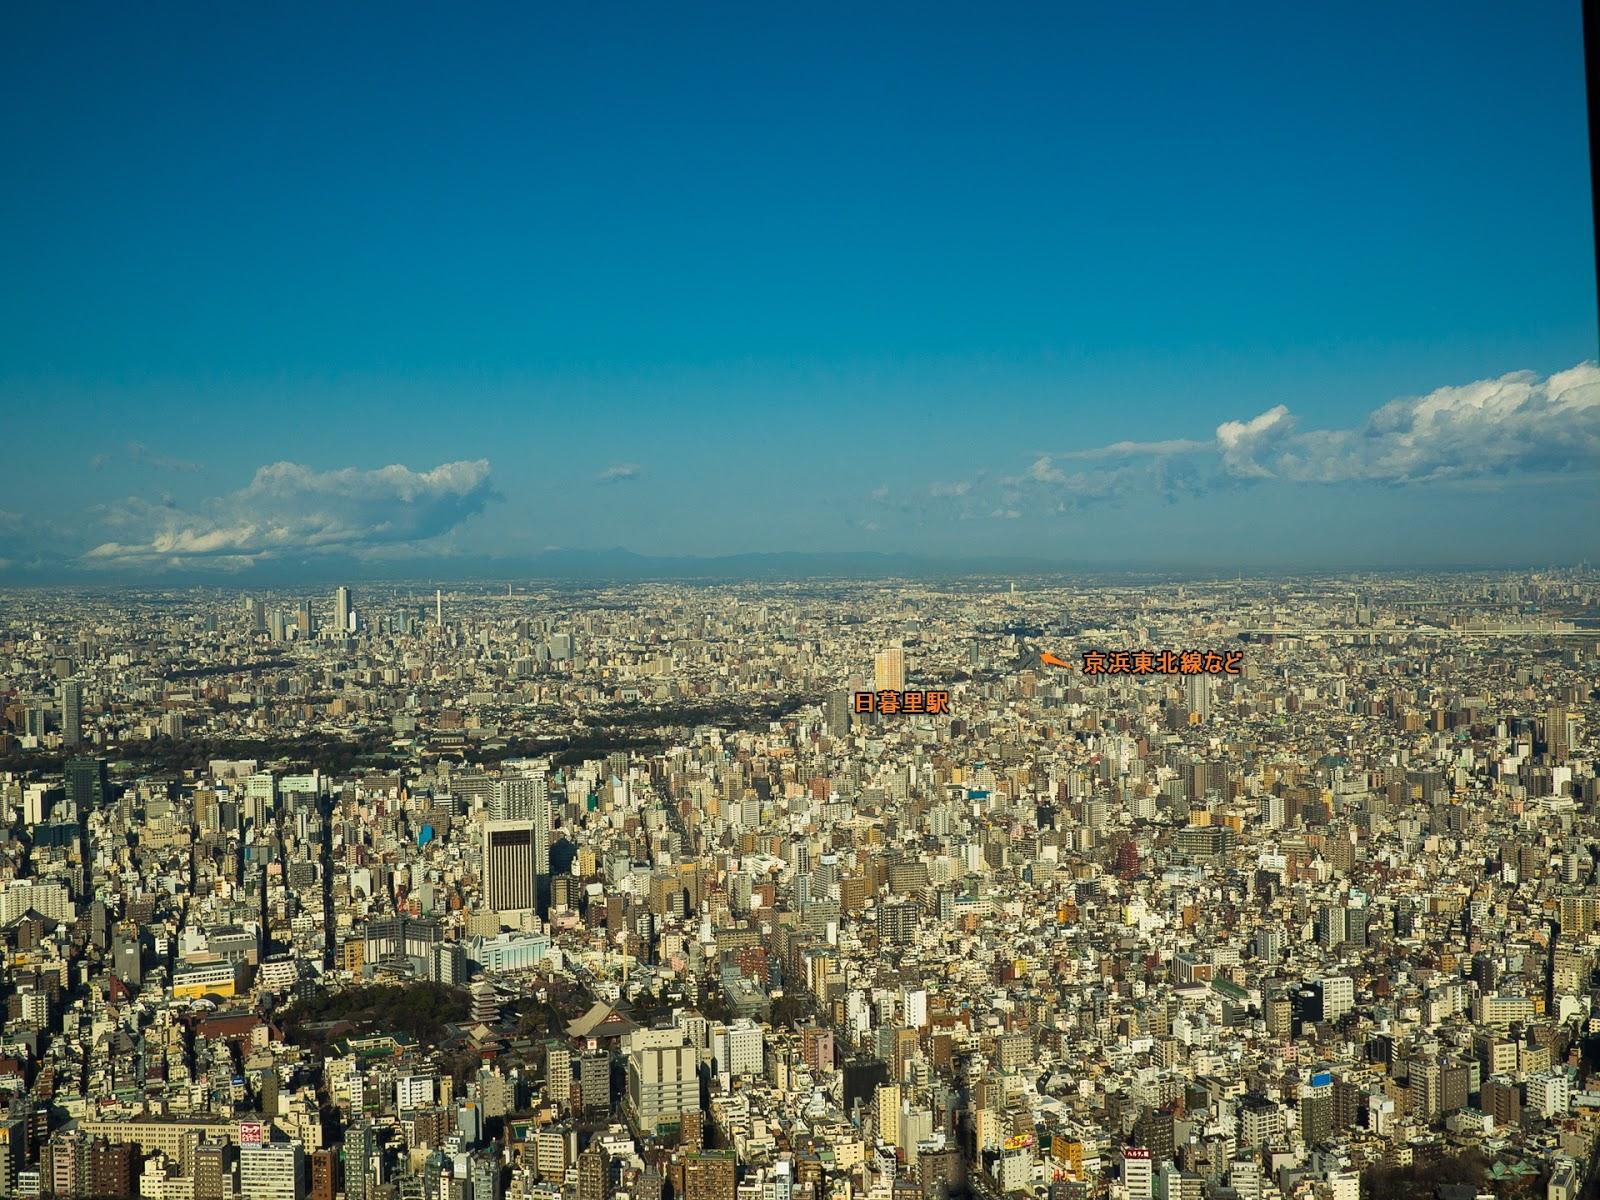 東京スカイツリー展望デッキから、西北西方面(王子方向)の風景